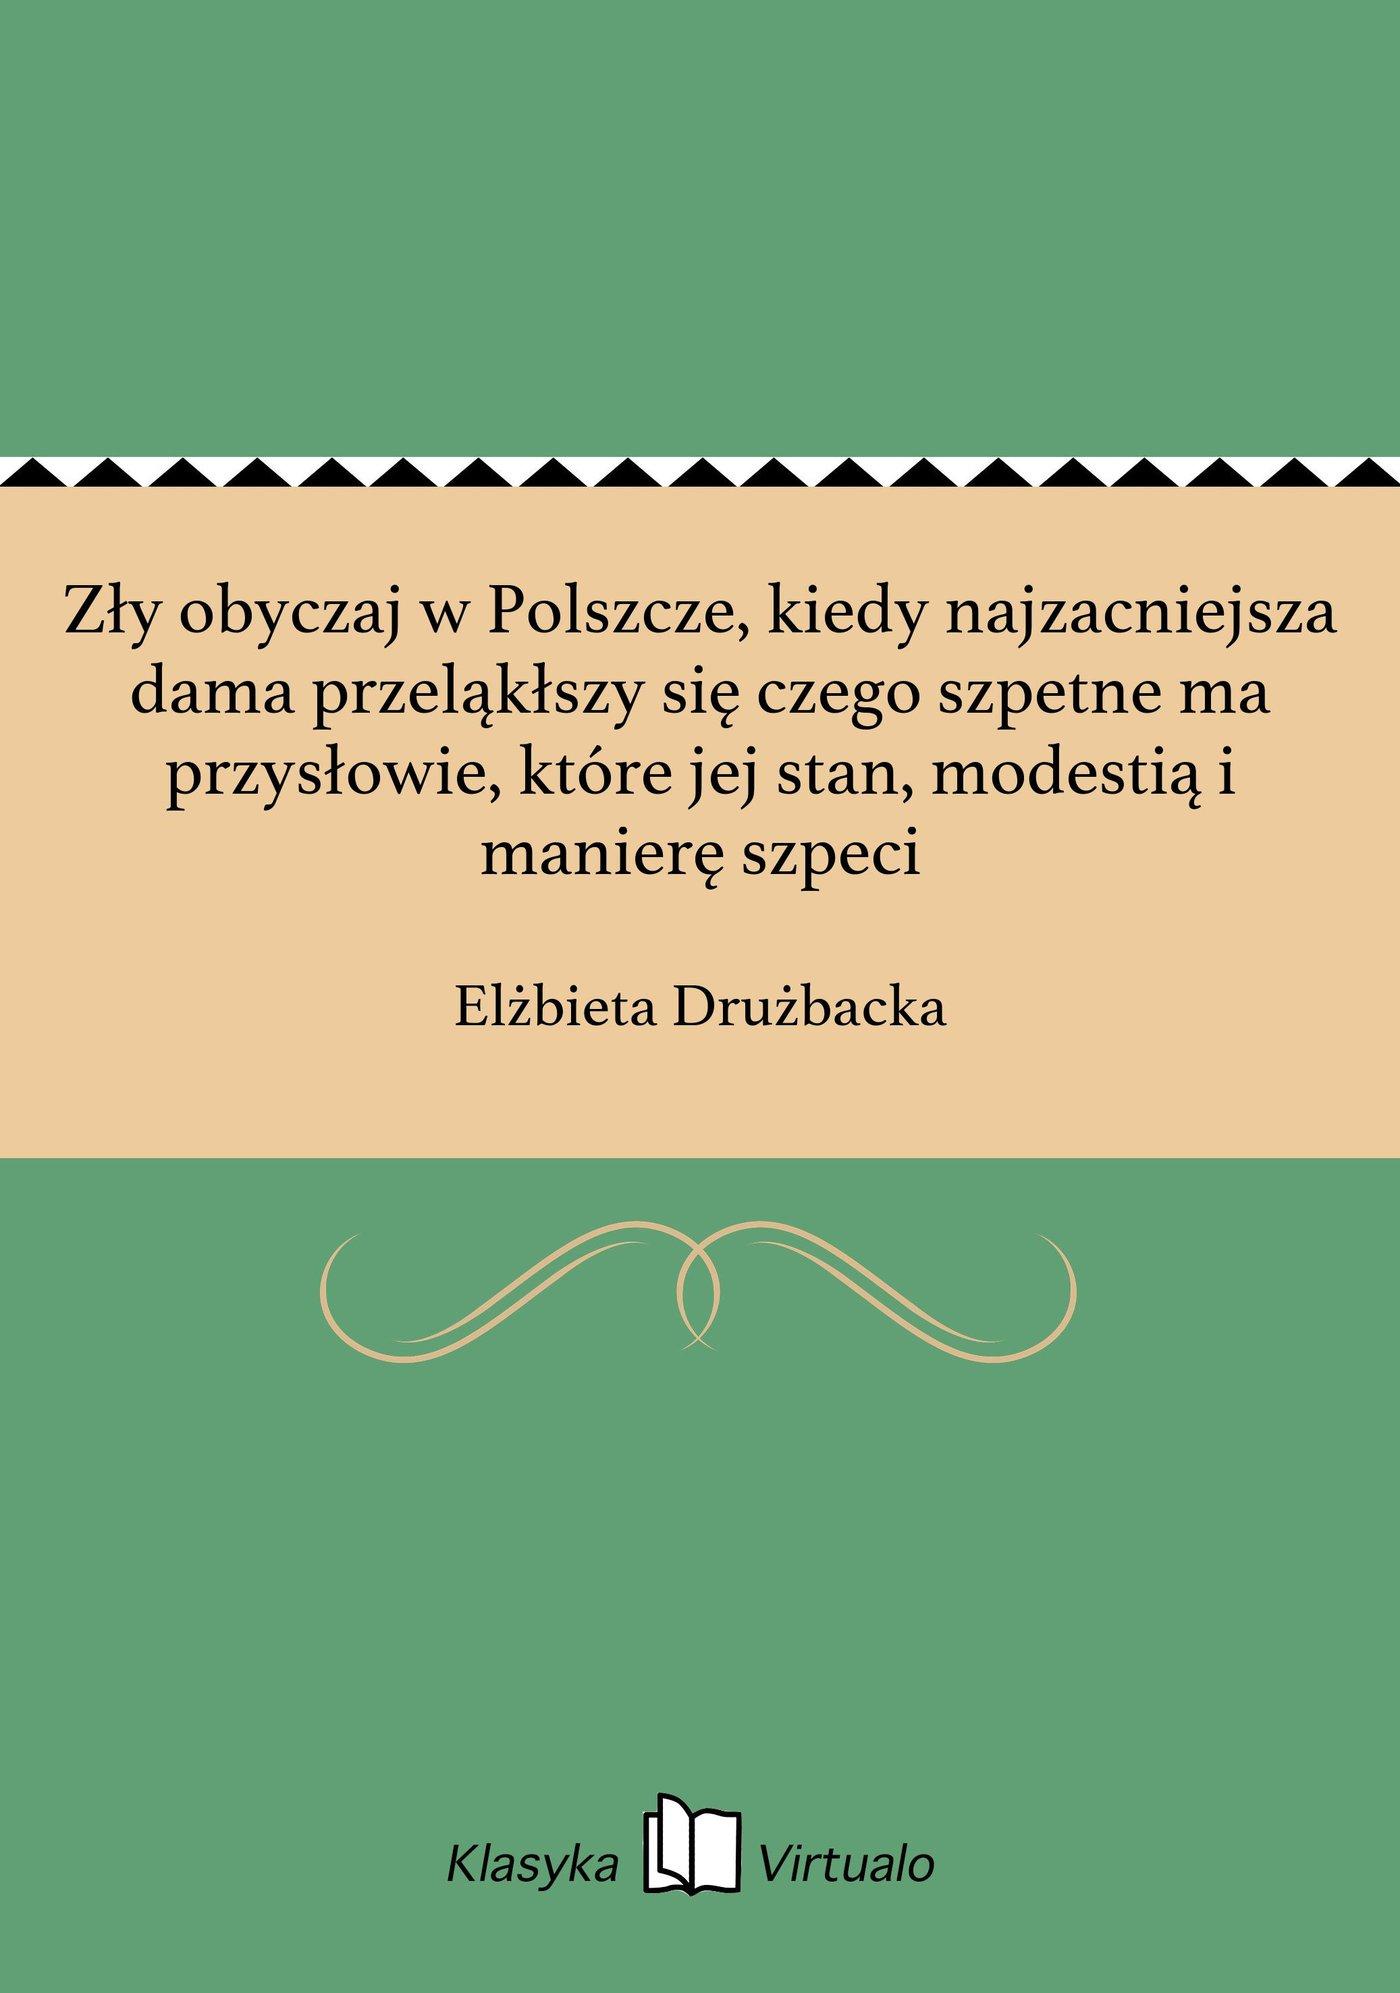 Zły obyczaj w Polszcze, kiedy najzacniejsza dama przeląkłszy się czego szpetne ma przysłowie, które jej stan, modestią i manierę szpeci - Ebook (Książka EPUB) do pobrania w formacie EPUB